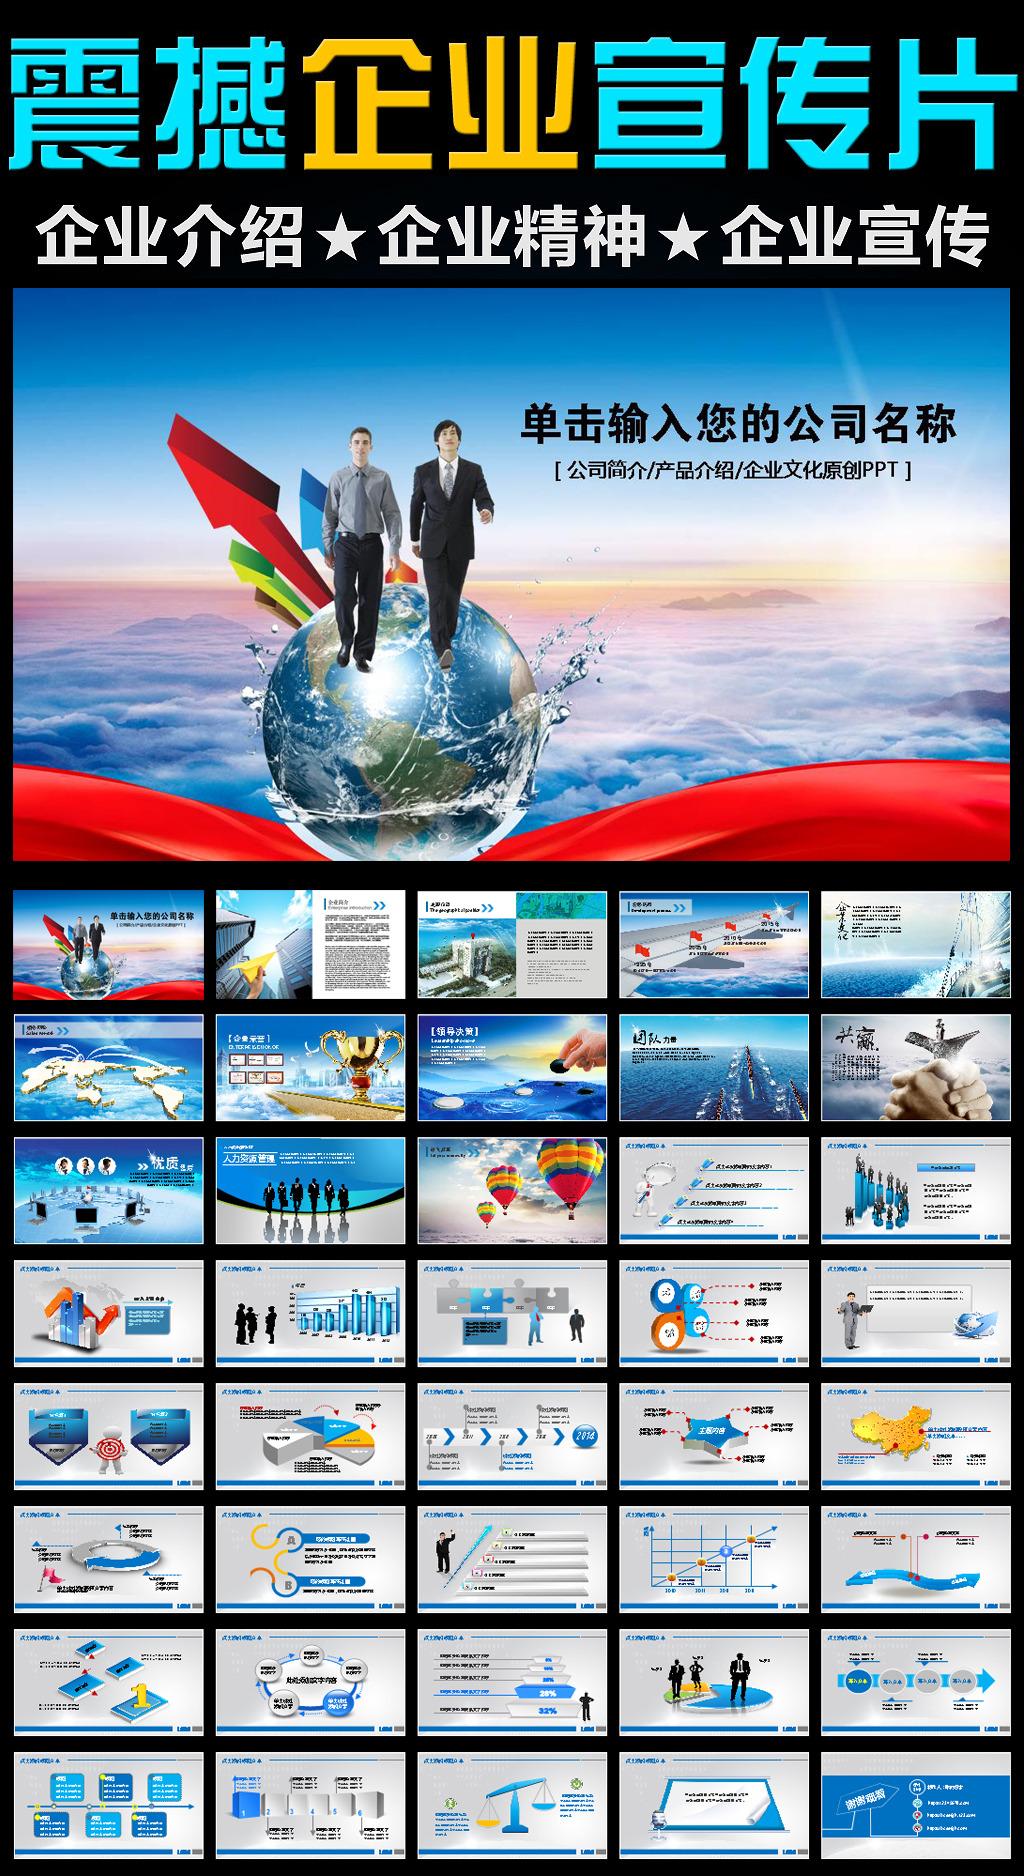 商务市场分析业销售绩报告动态ppt模板